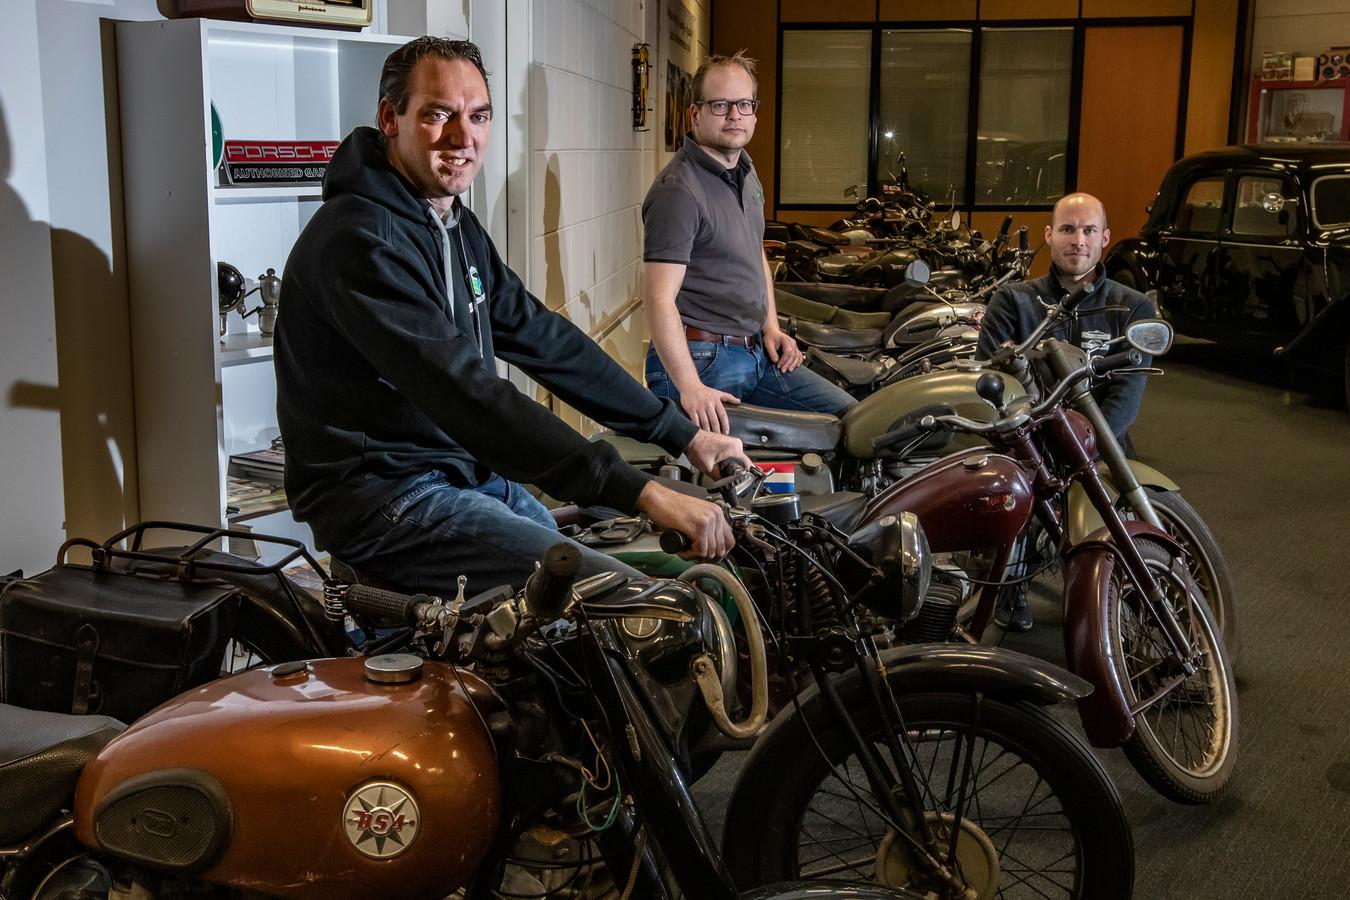 DS-2020-6276 TERWOLDE VERKOOP OUDE MOTOREN - Hendri Speldekamp(bril)  en Wilco Dolman(kaal) verkopen de collectie van 14 klassieke motoren voor familie van gepassioneerd overleden motorman. Ondermeer BSA's, DKW en Terro's. Dirk Berends (kleinzoon van overleden motorman)